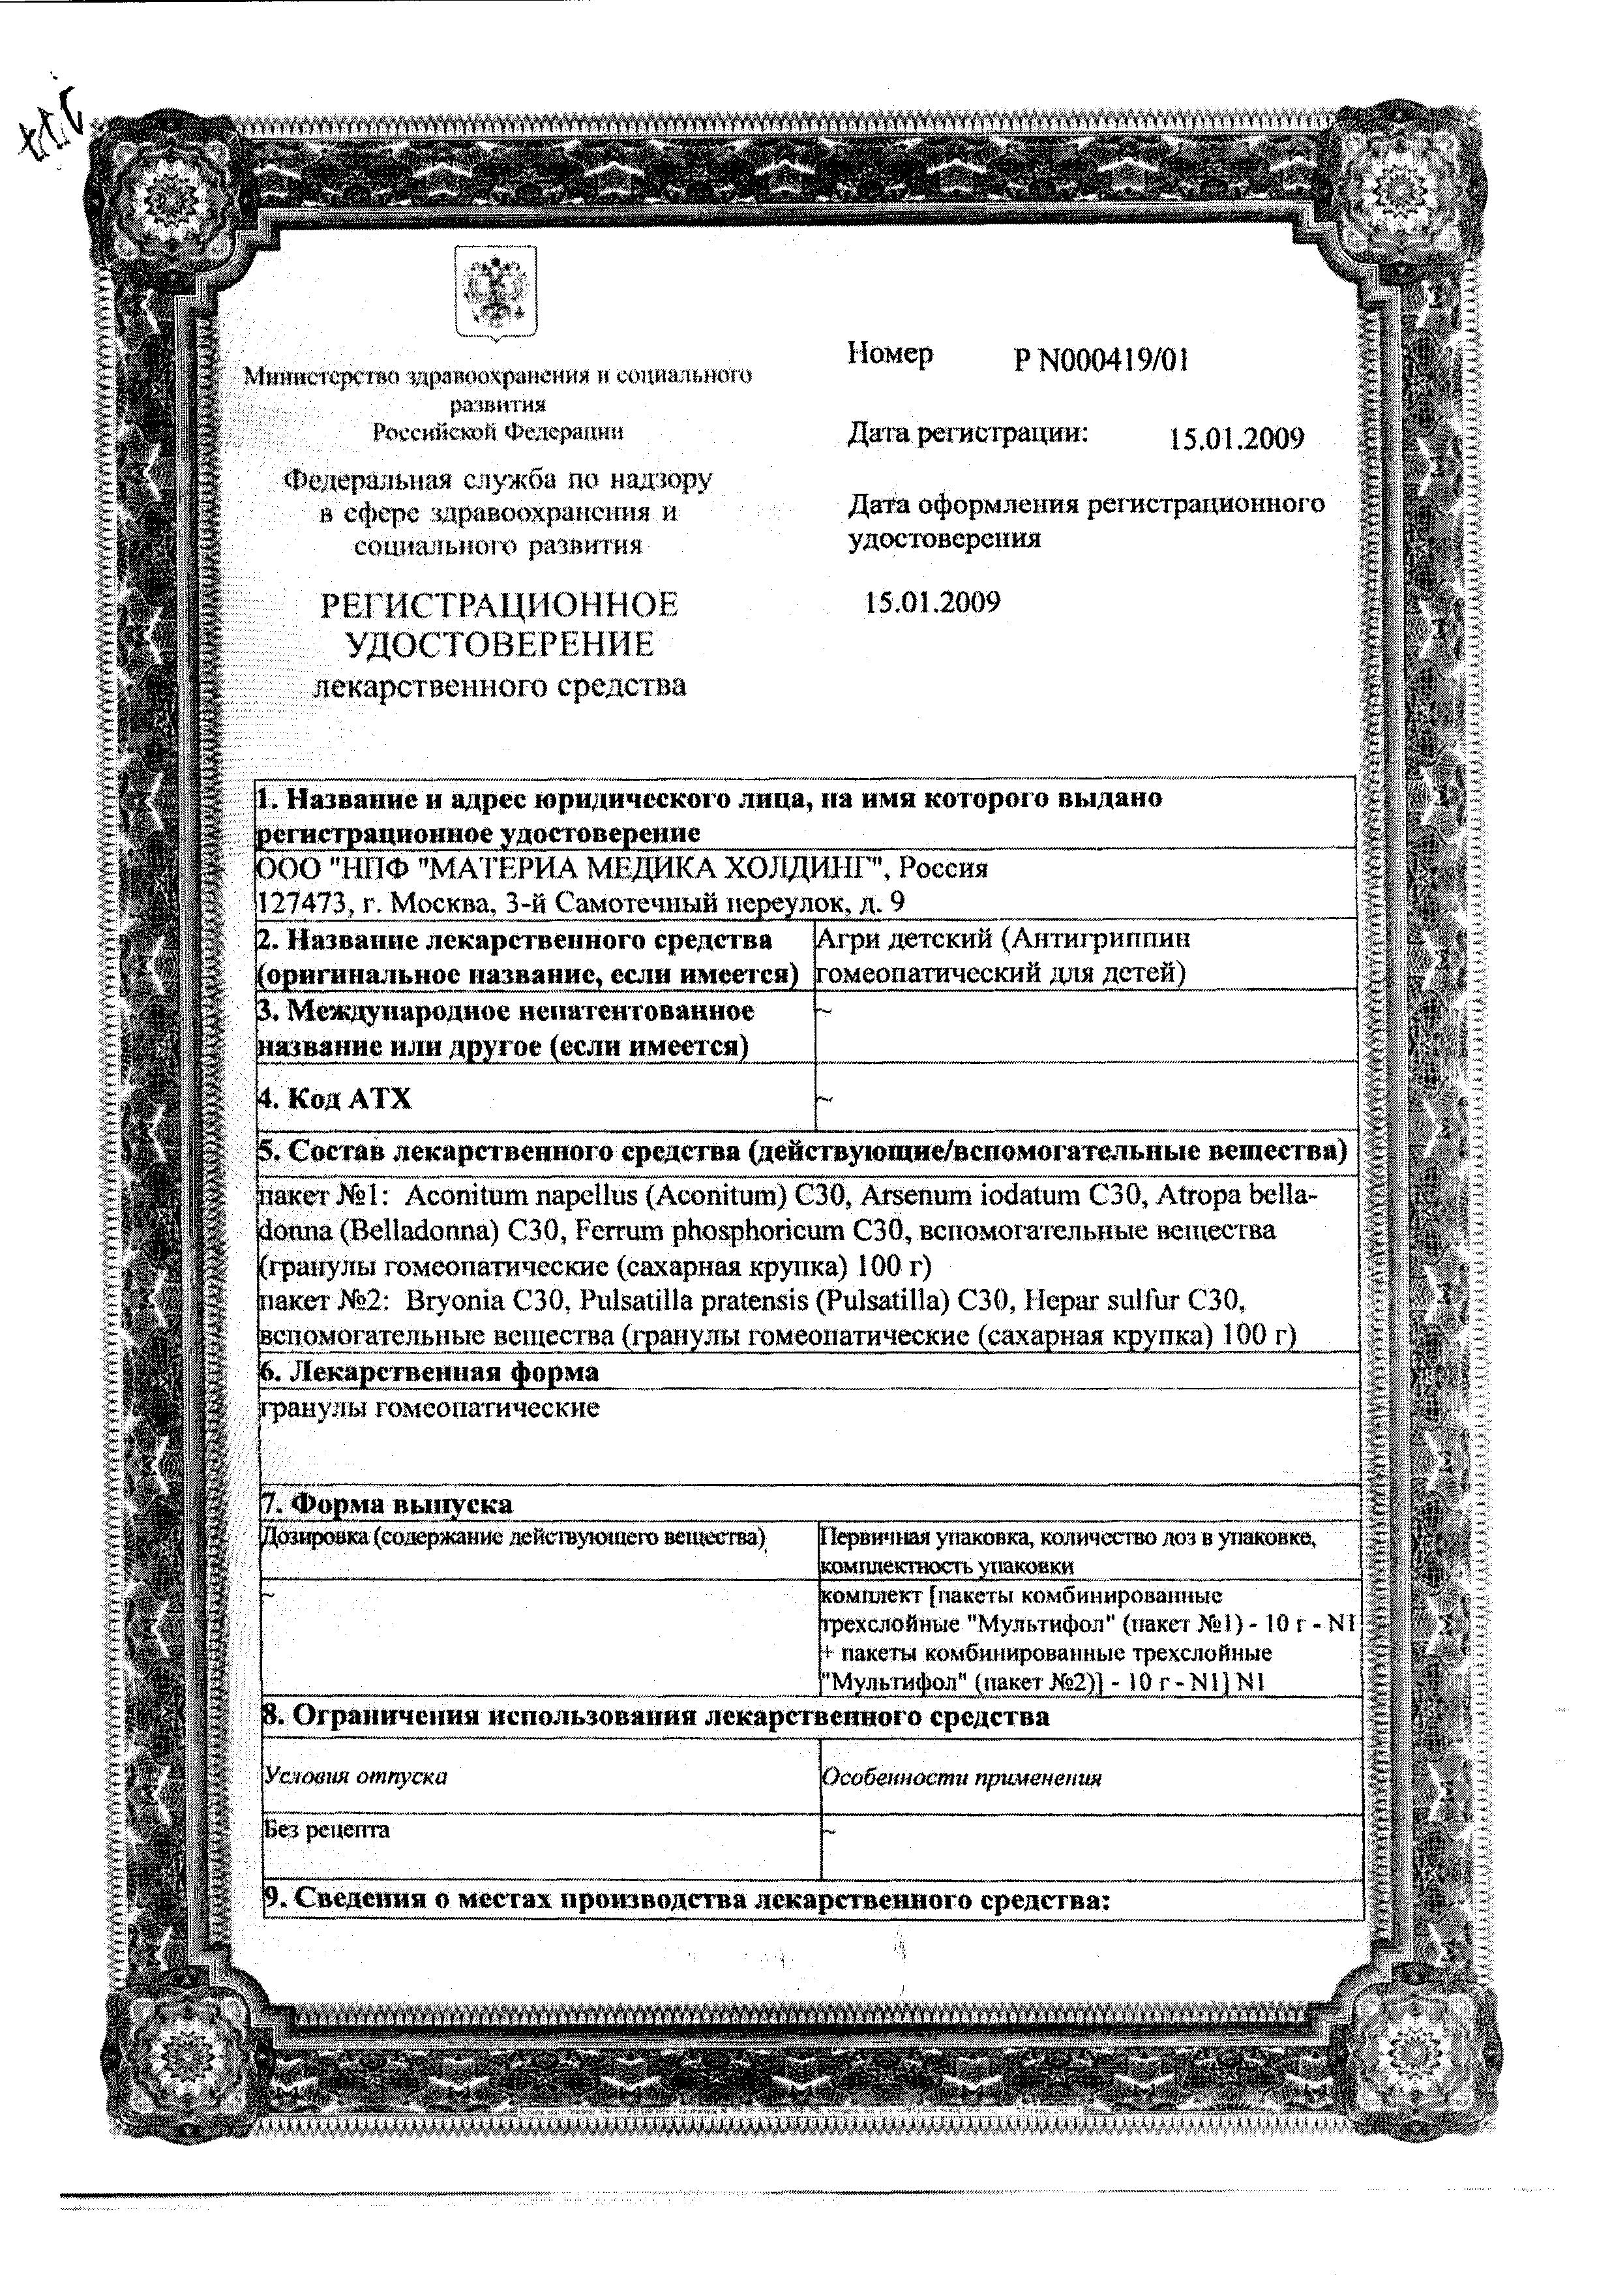 Агри детский сертификат